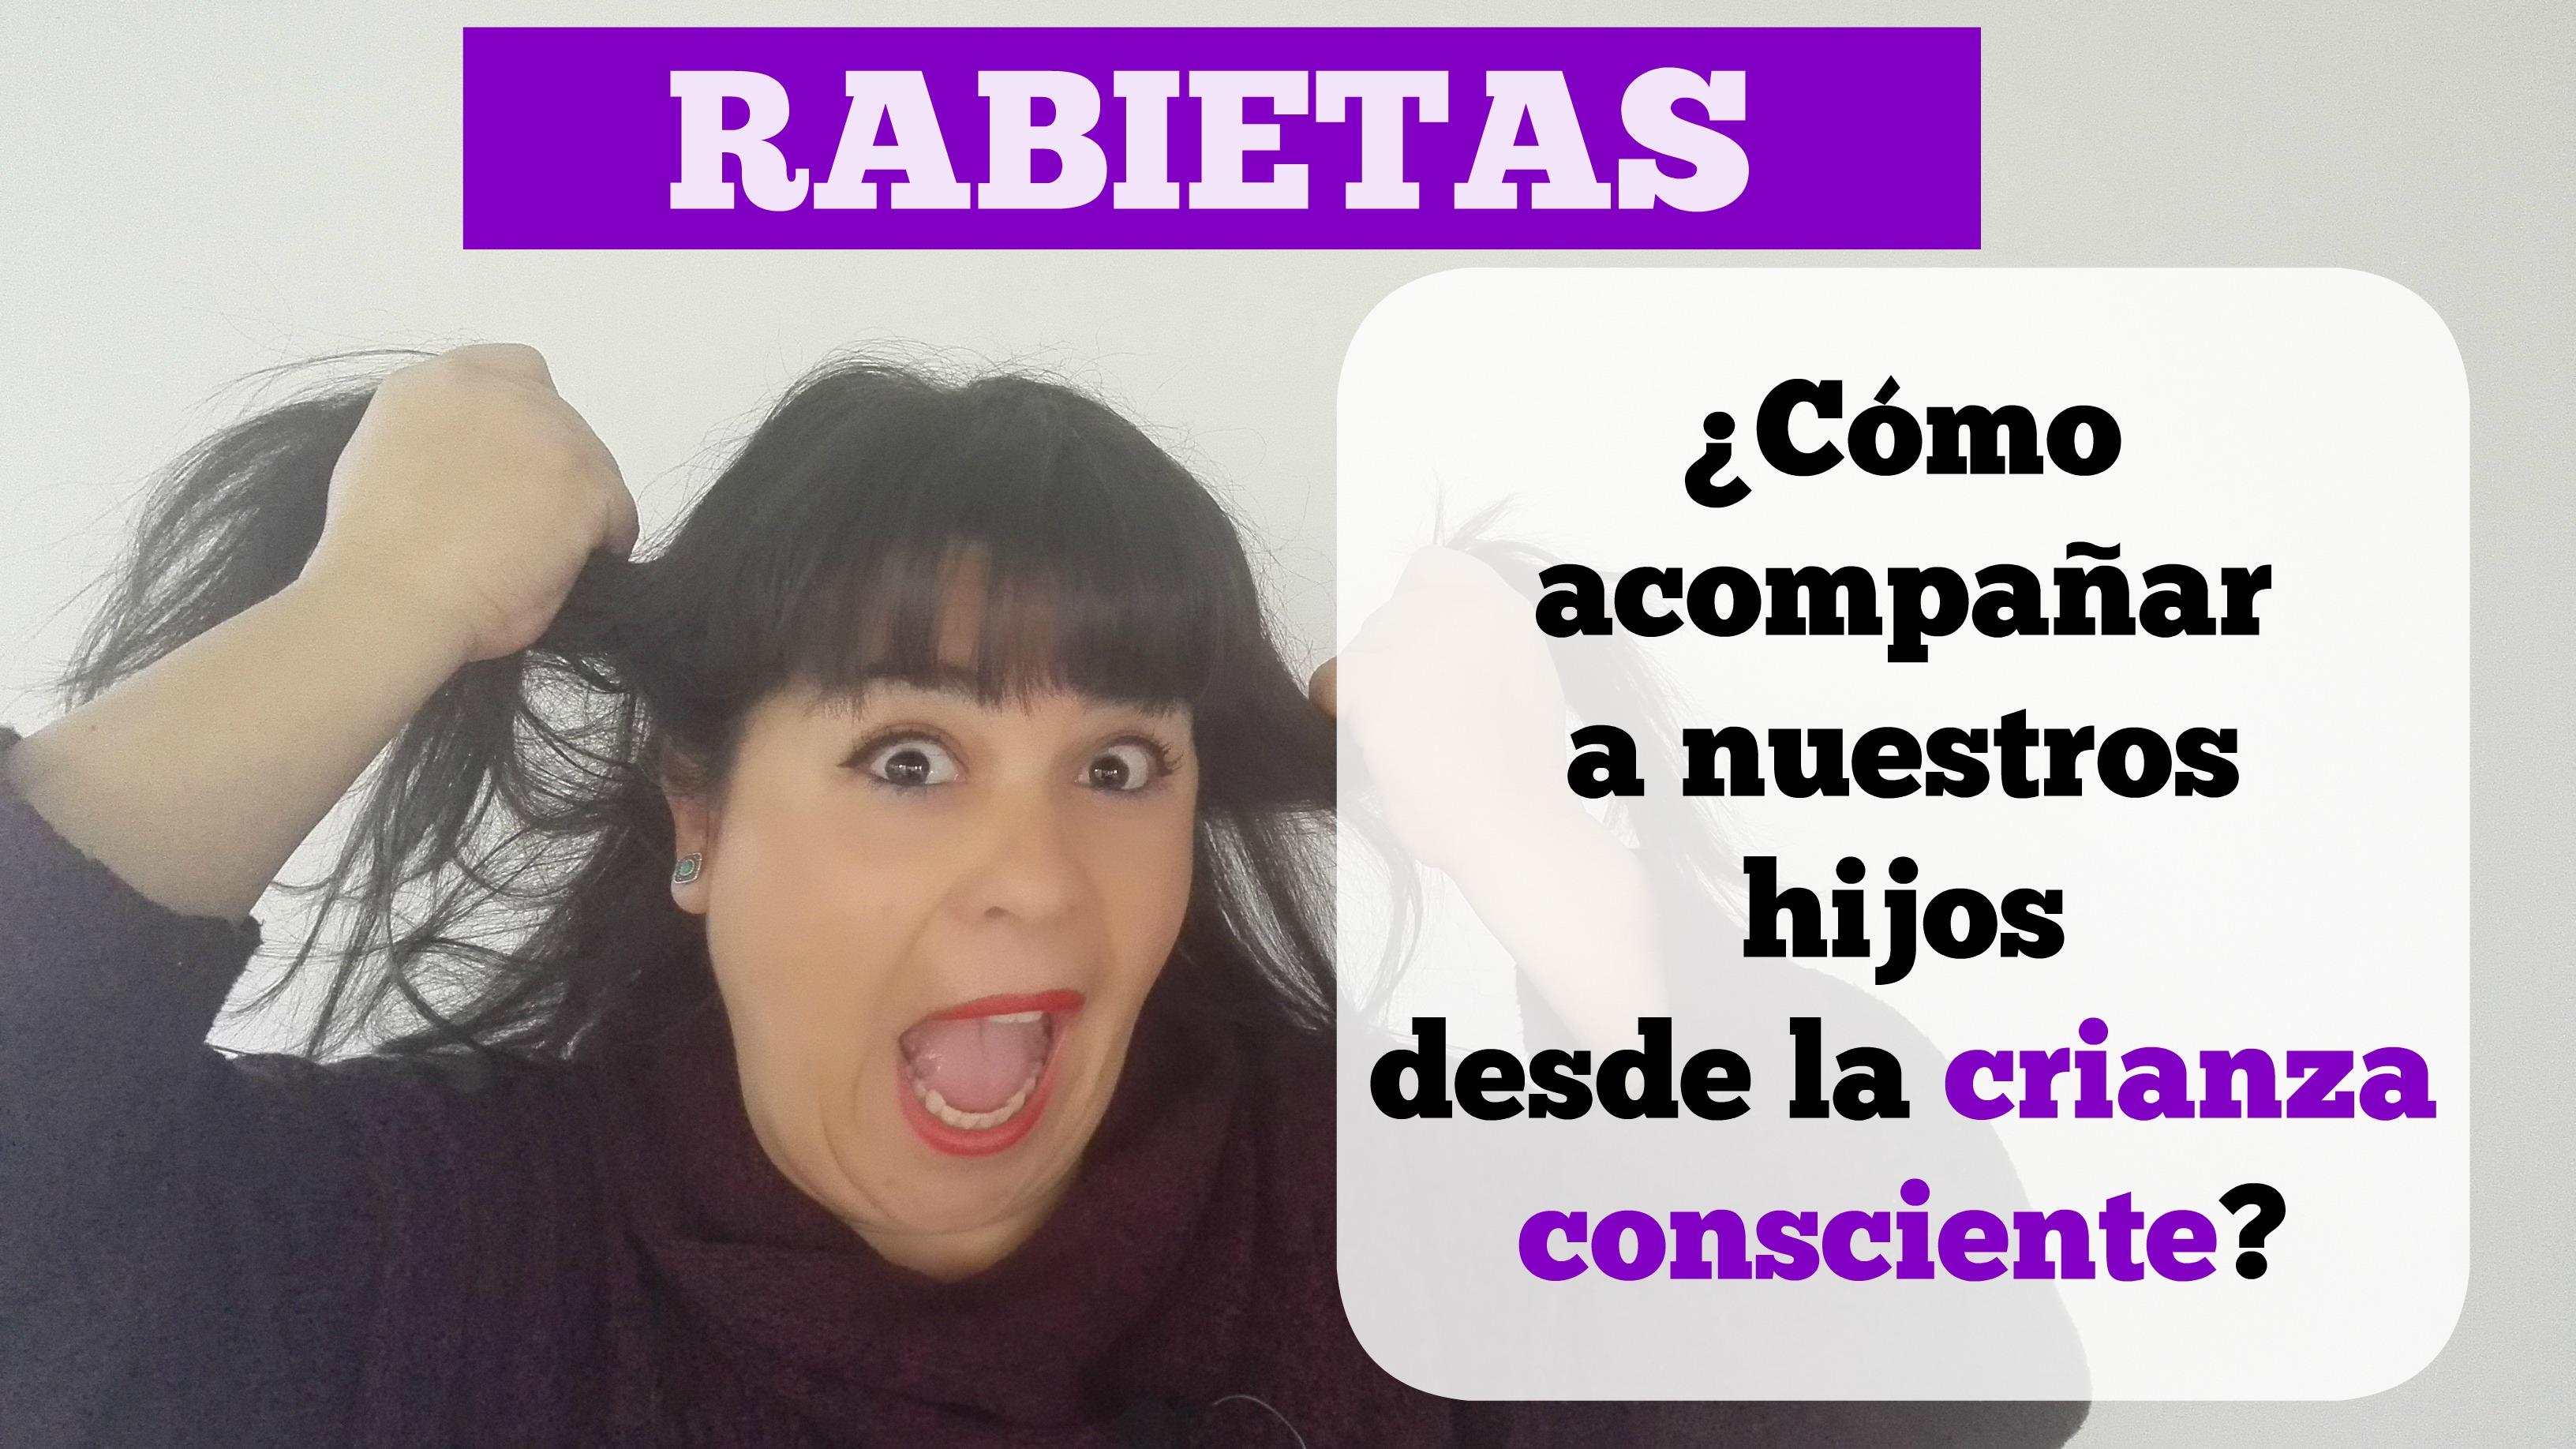 imagen_video_rabietas